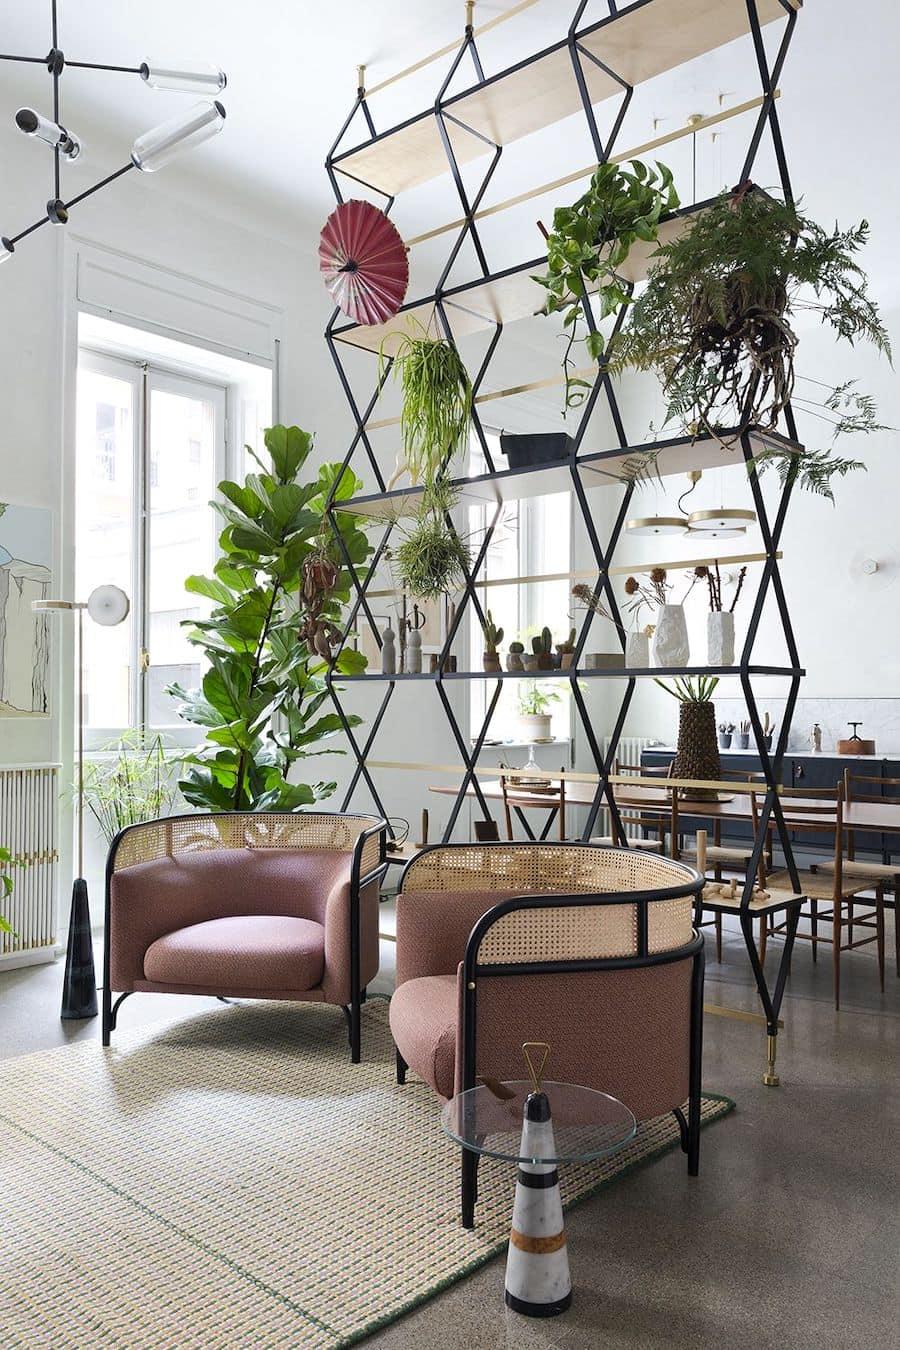 комнатные растения в интерьере фото 25